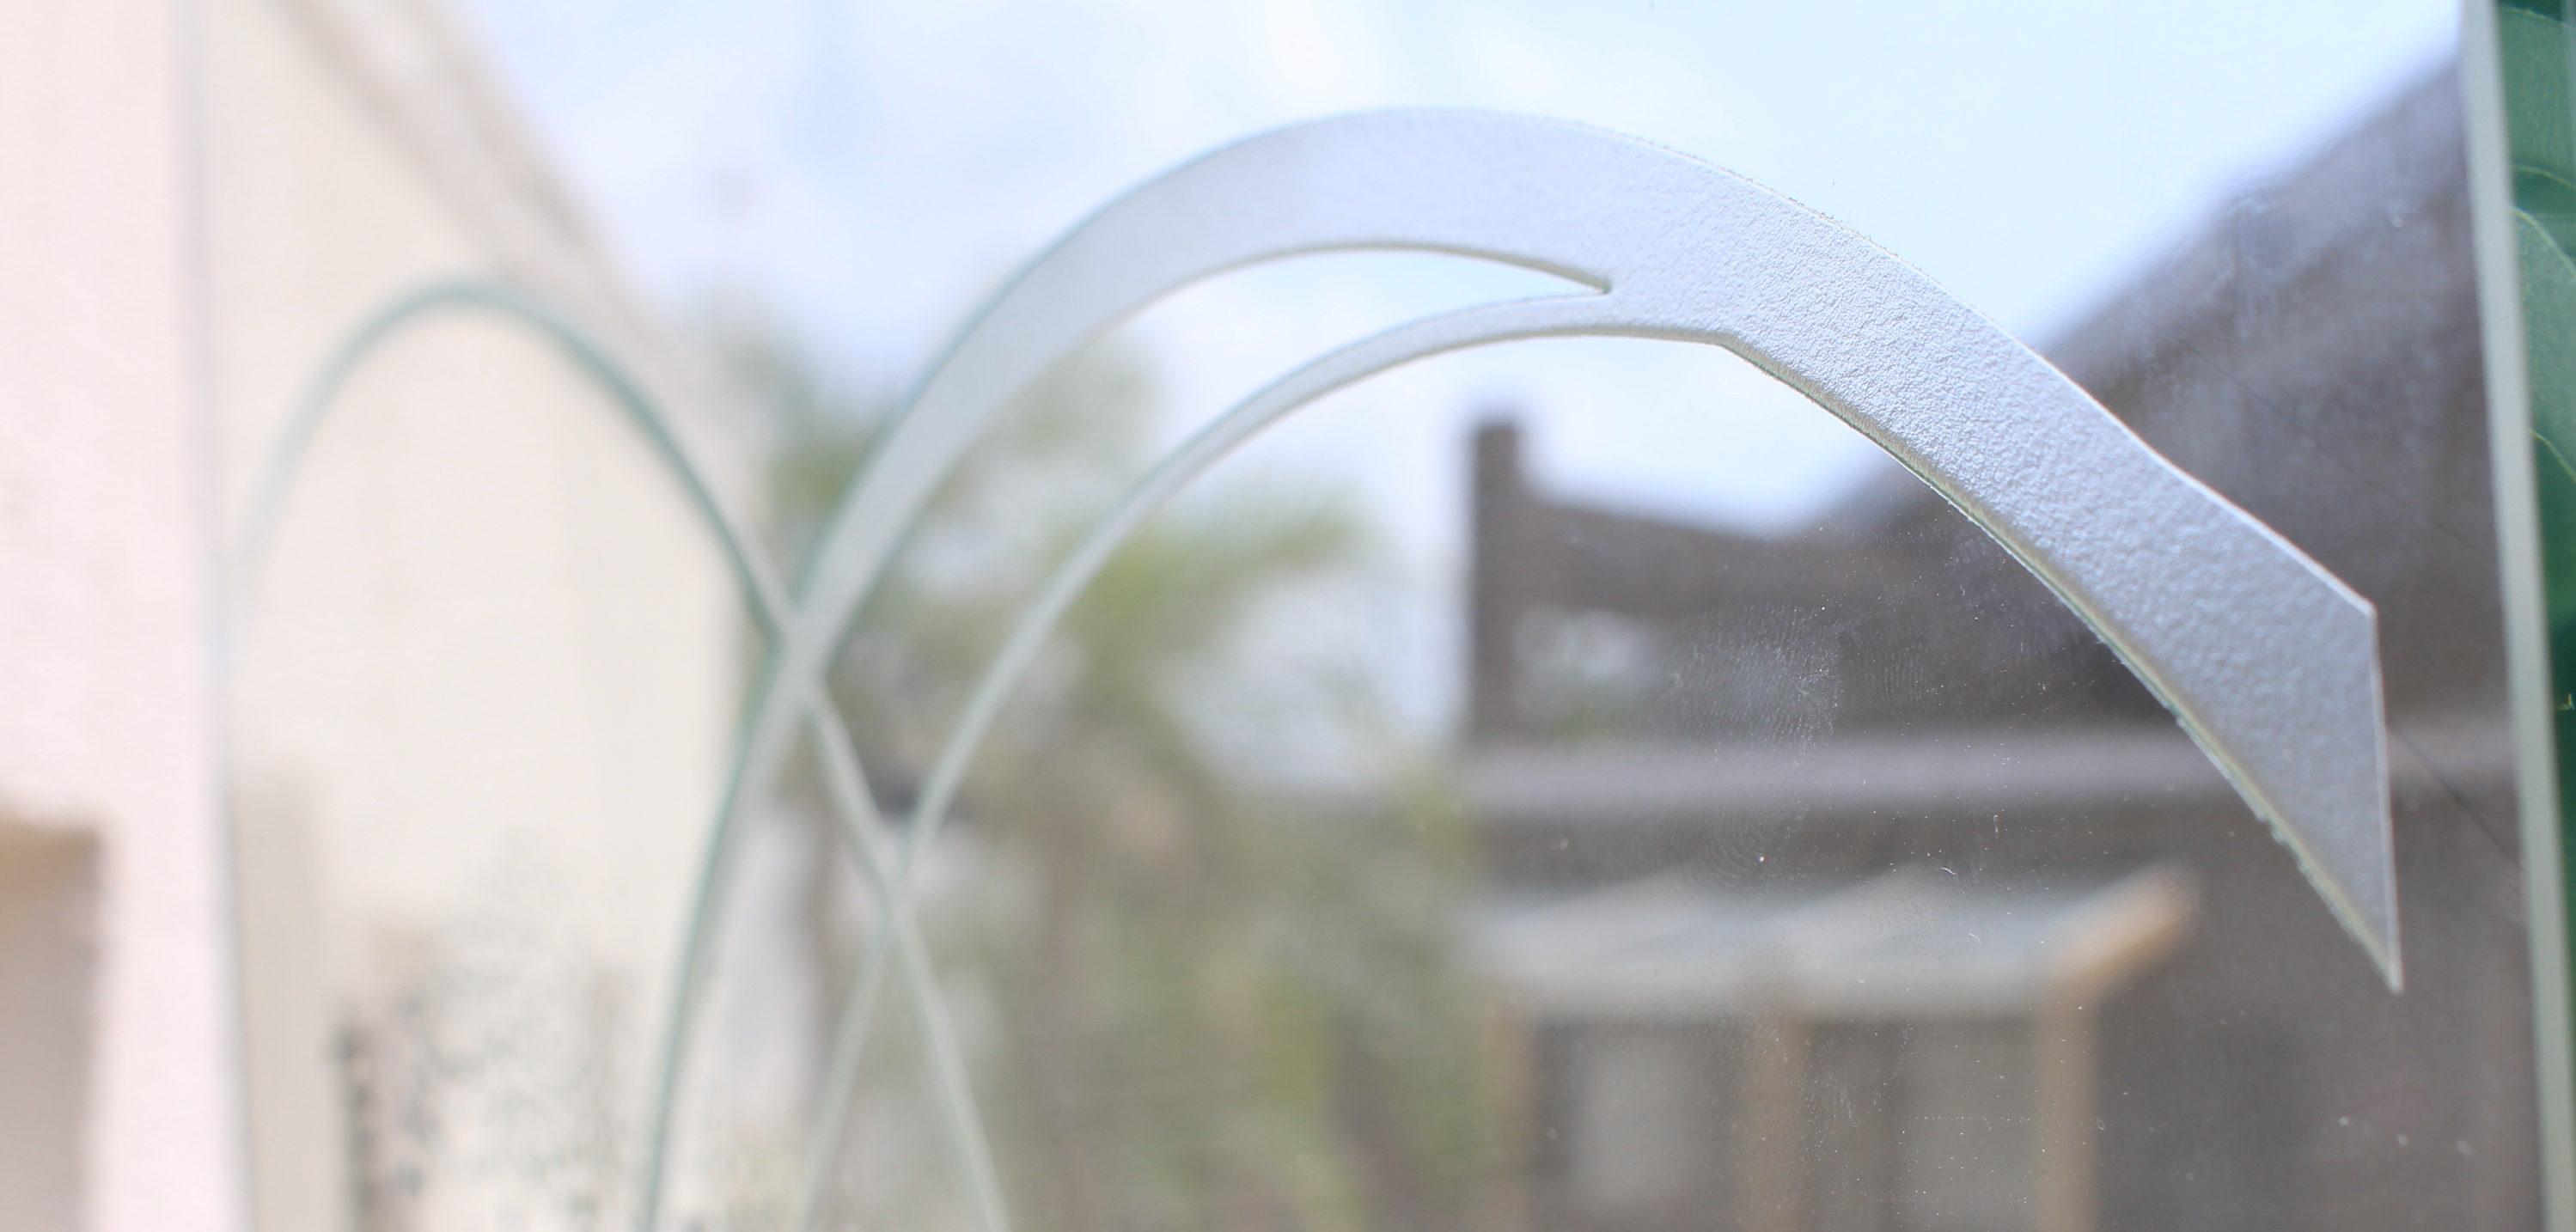 ガラス表札の模様